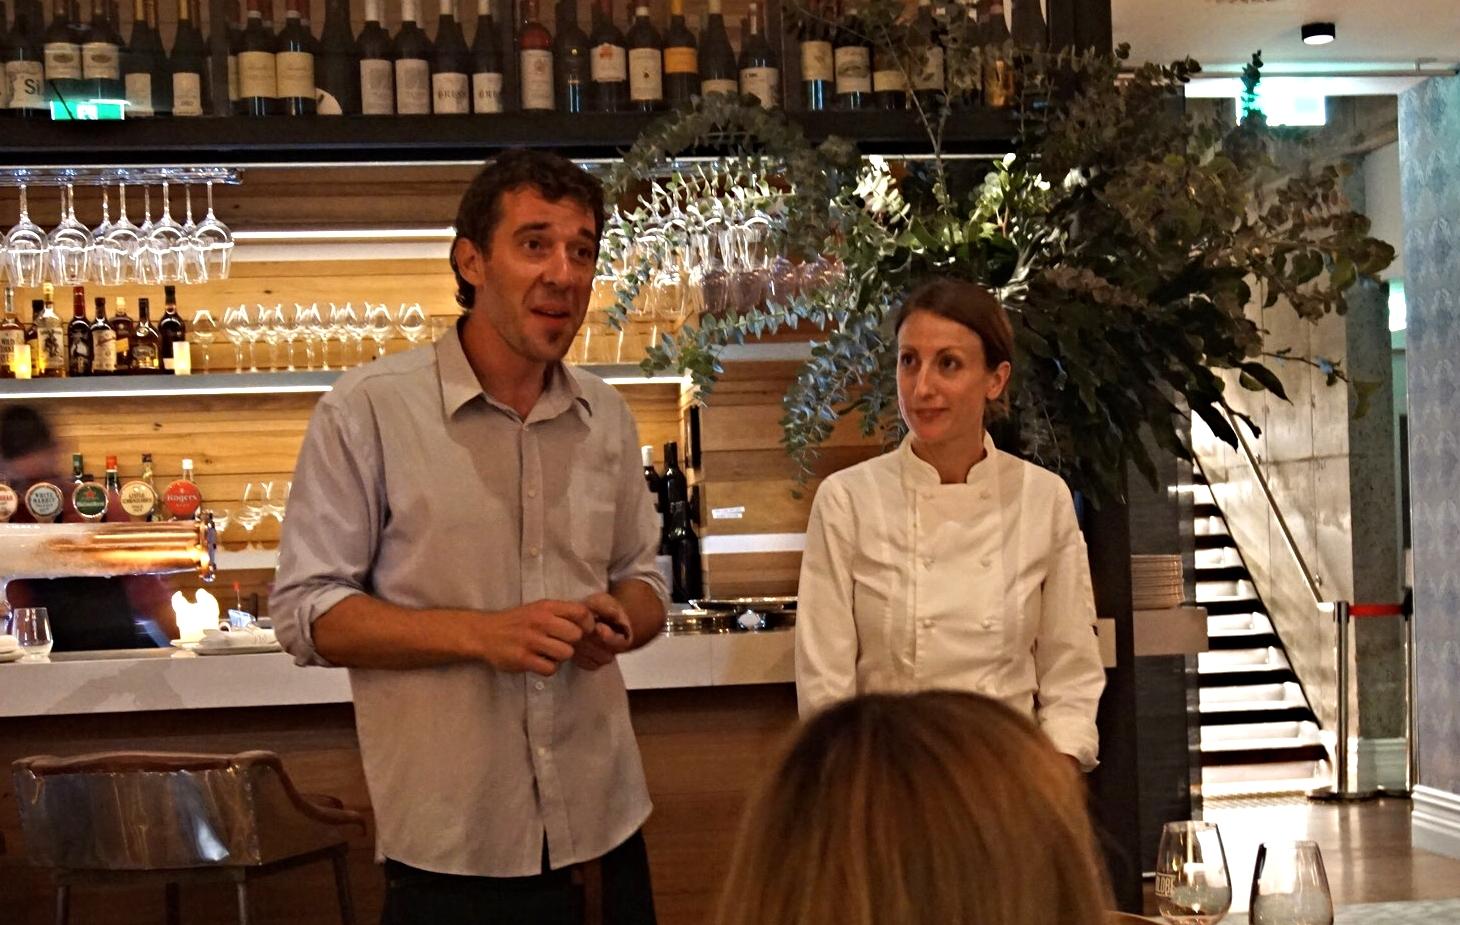 Riccardo and Chef Alexandra